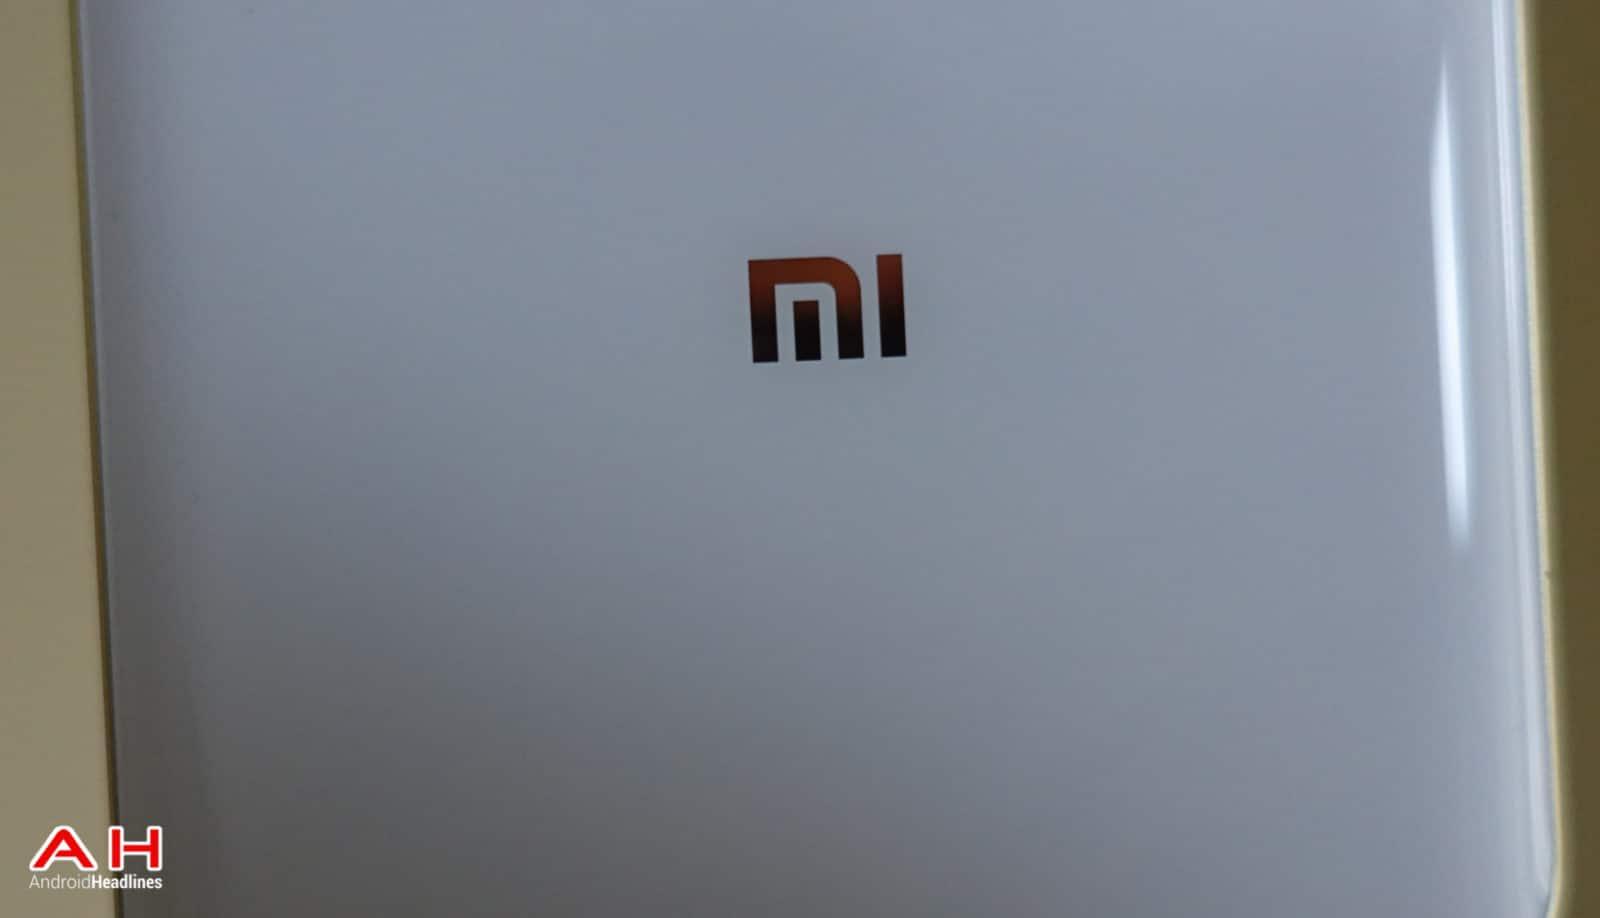 Xiaomi-Mi-Logo-AH-1